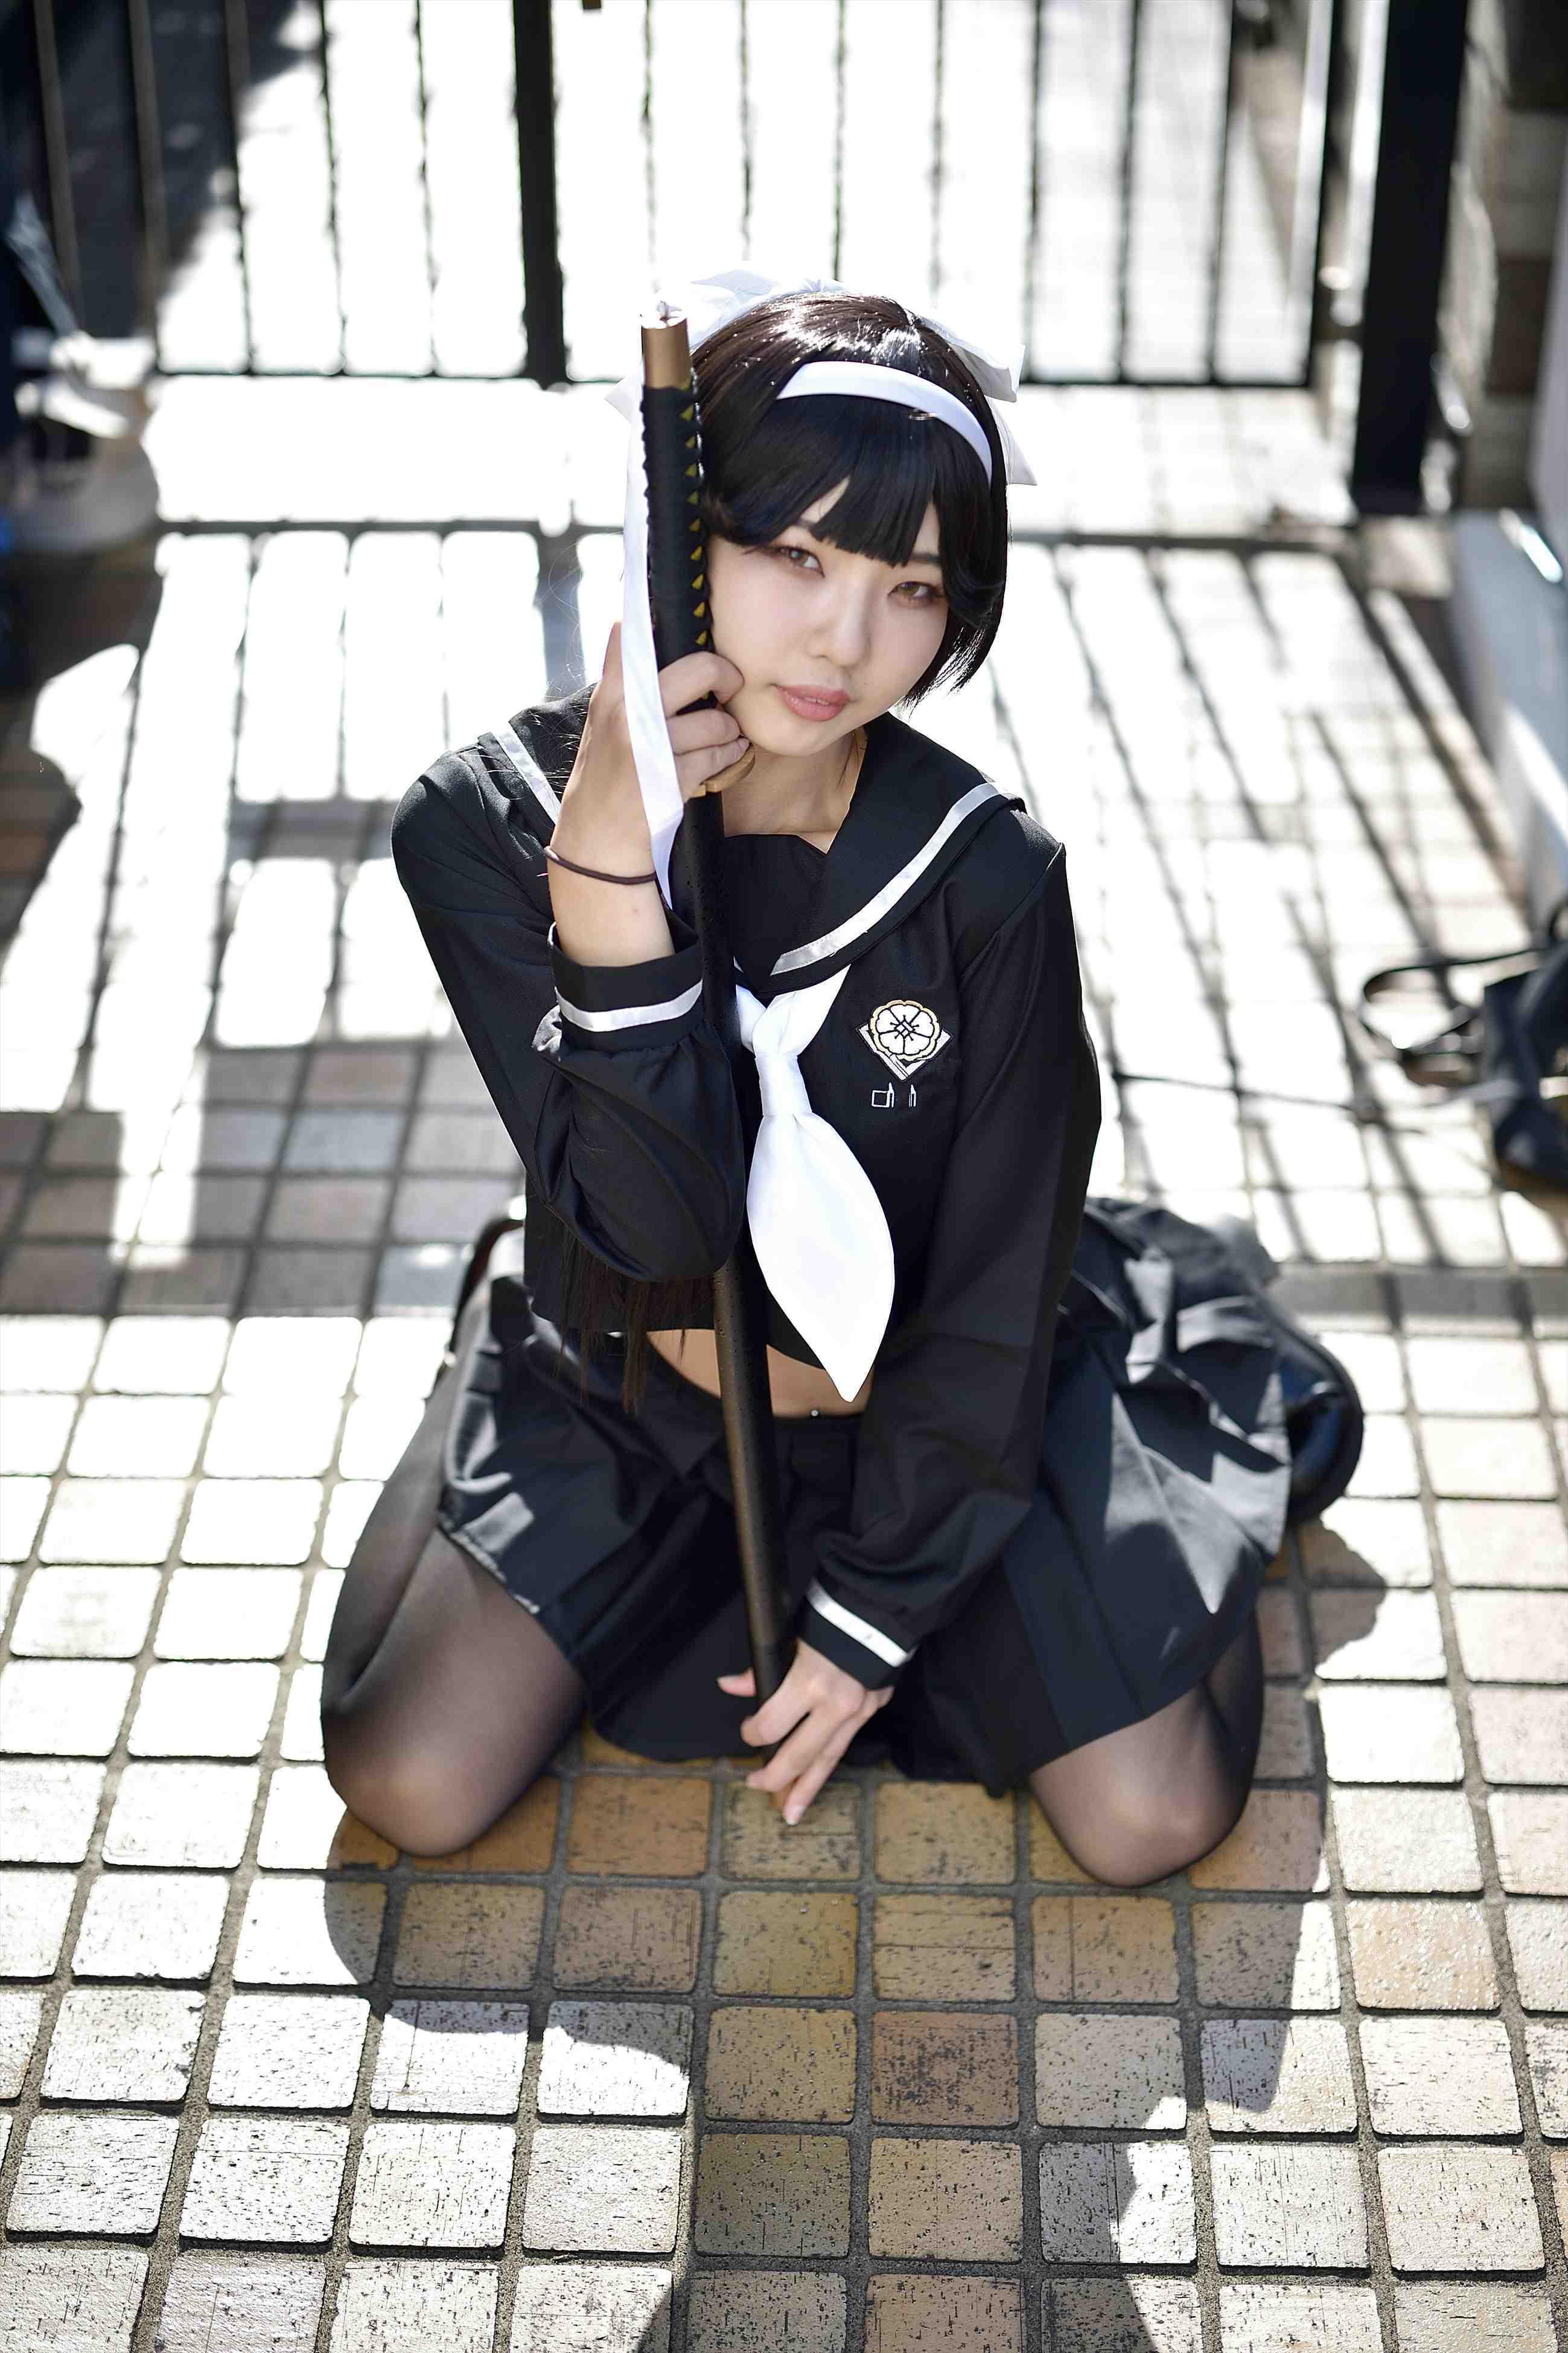 2019年11月10日アコスタ_e0194893_22183151.jpg